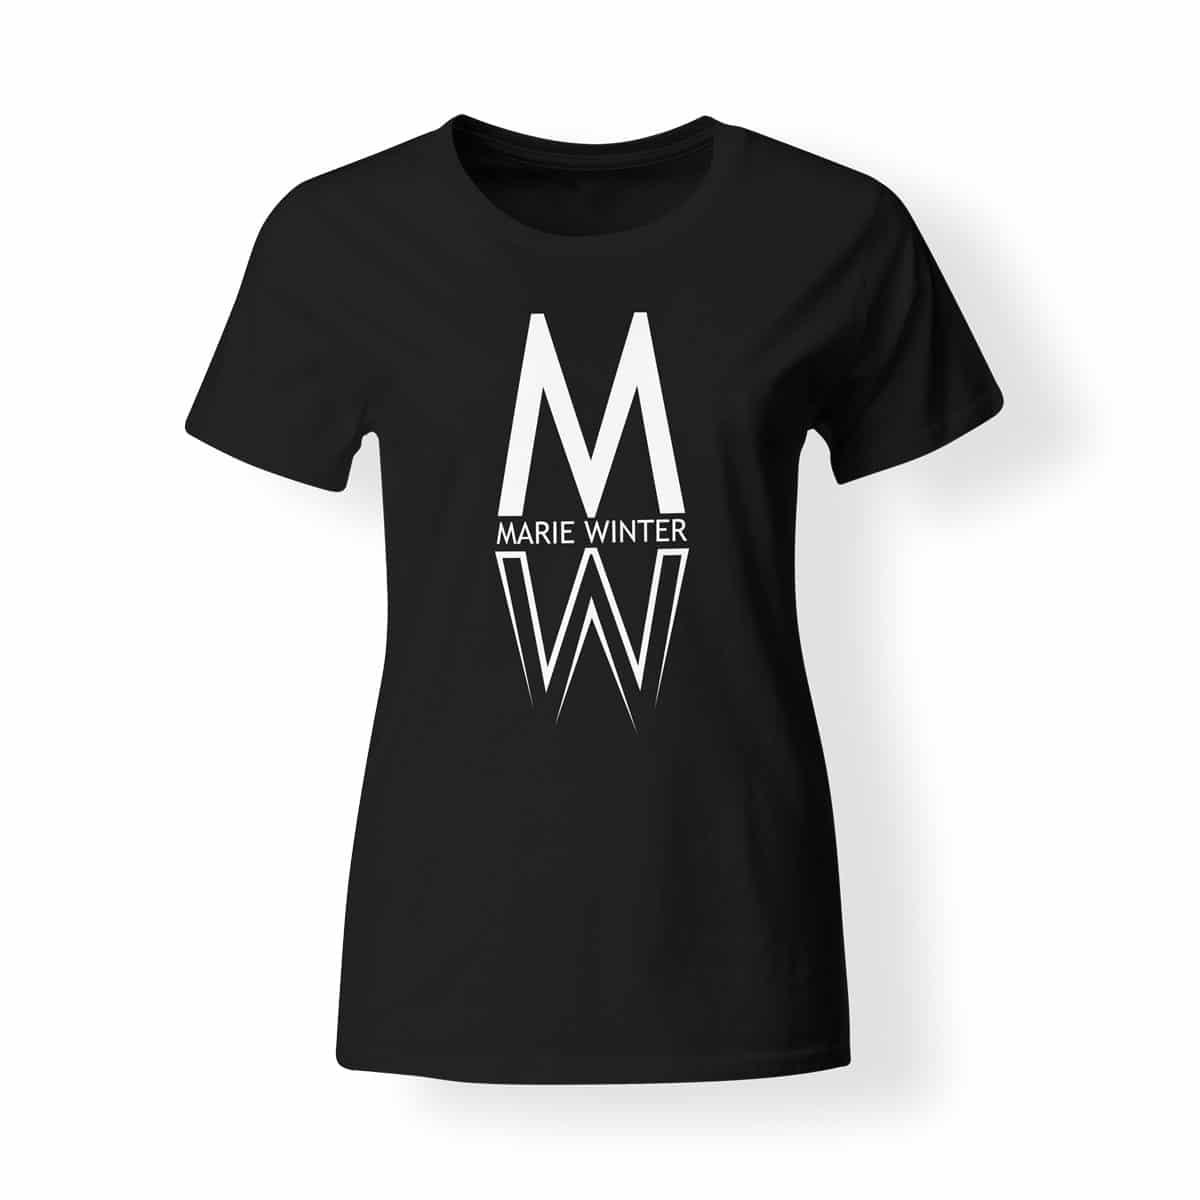 Marie Winter Damen T-Shirt schwarz